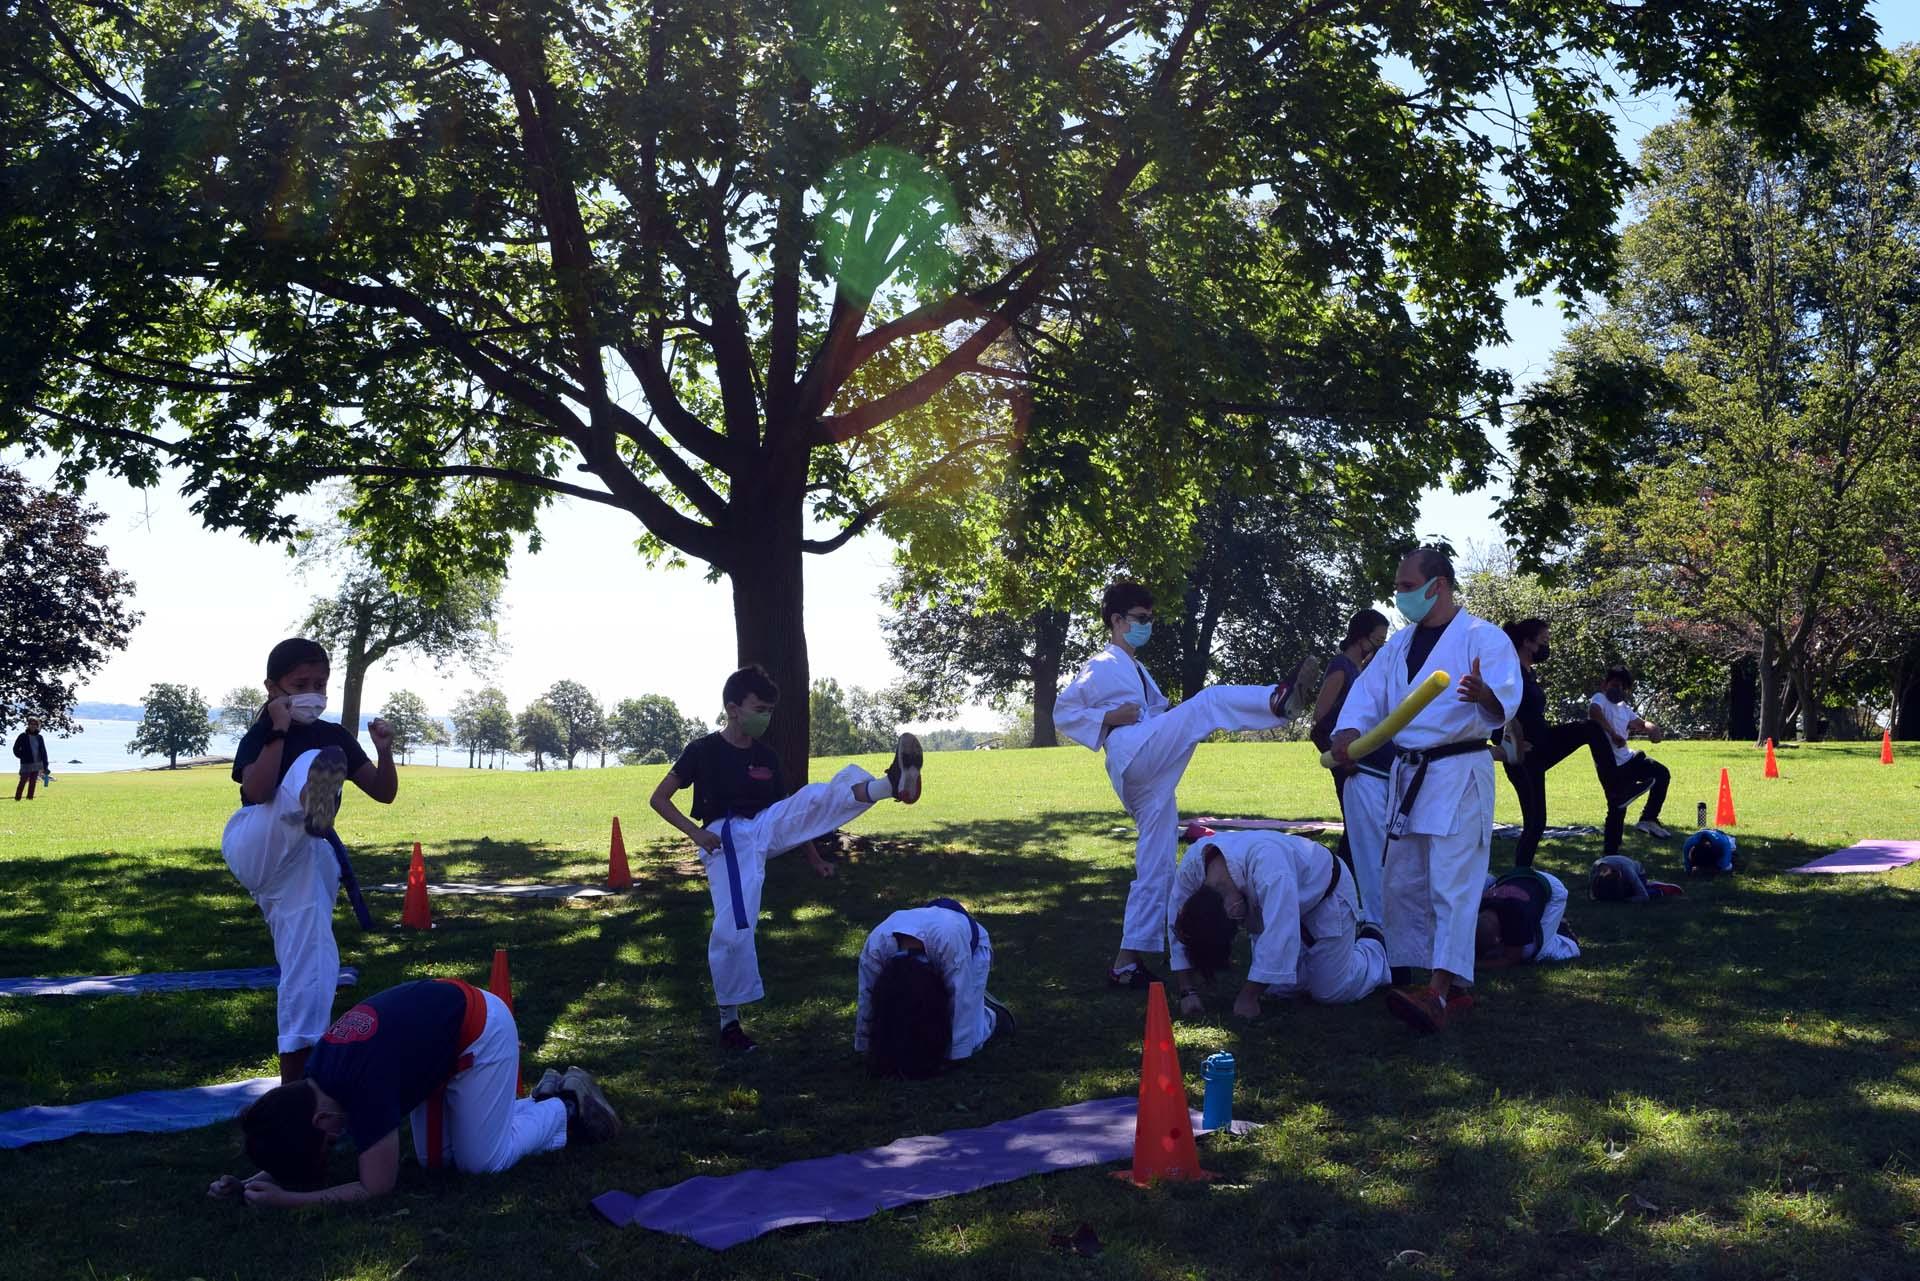 2021 September 25 - Krav Maga Self-Defense & Shotokan Karate Outdoor Classes in Davenport Park